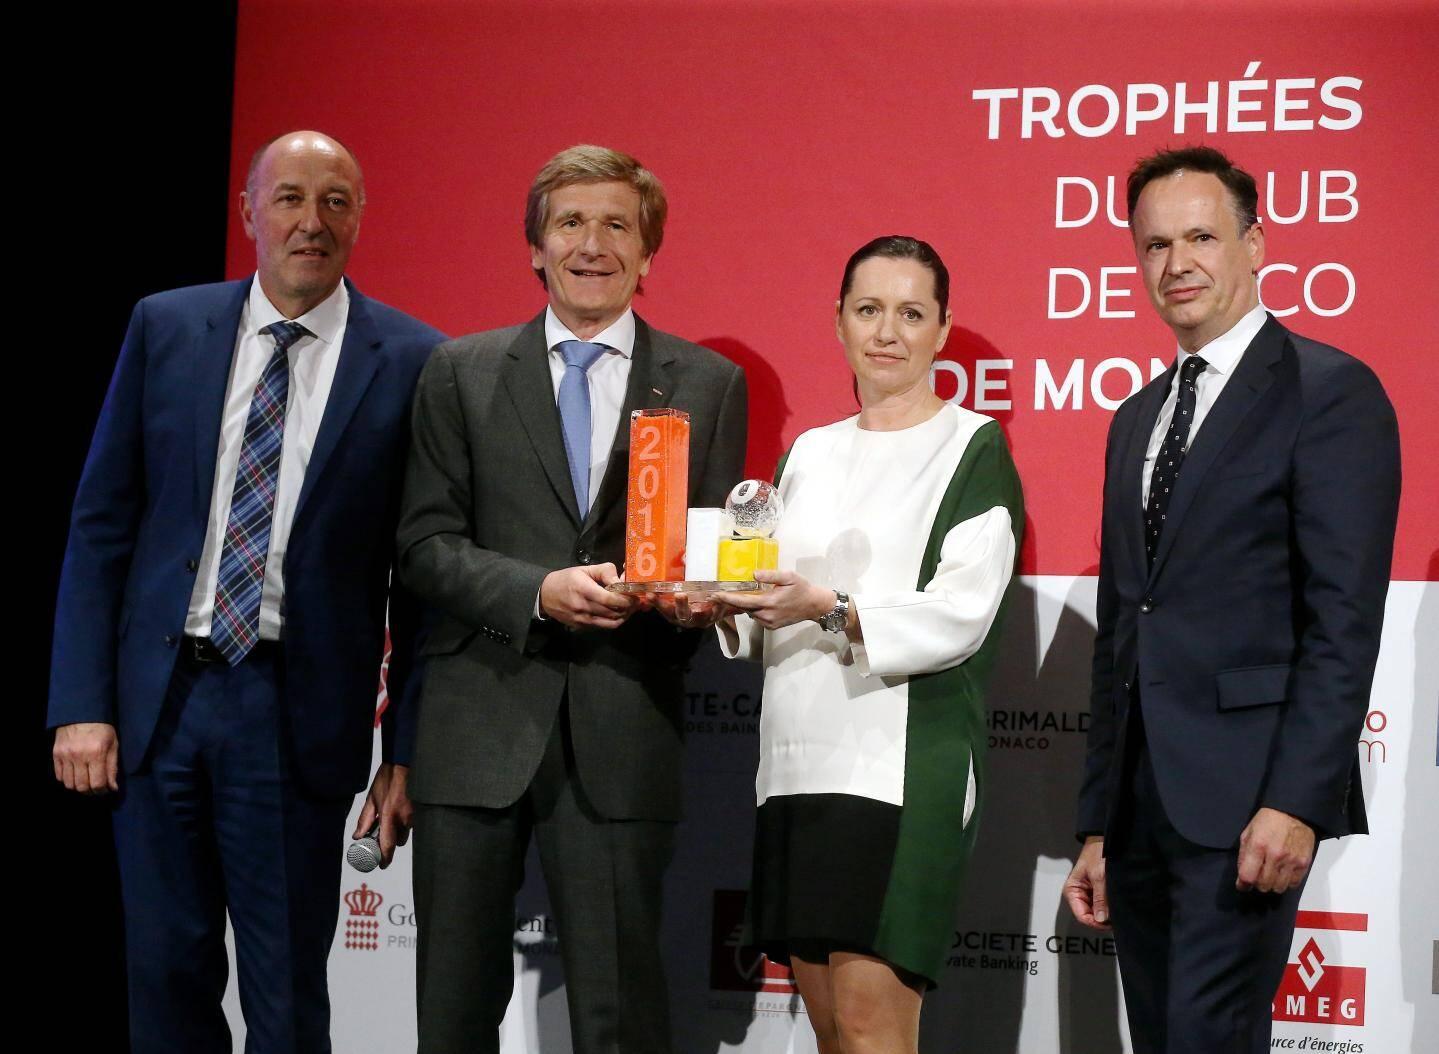 Thierry Boutsen et son épouse récompensés par Christophe Pinault (Caisse d'Epargne Côte d'Azur) et Michel Prost Dumont (BP Méditerranée).